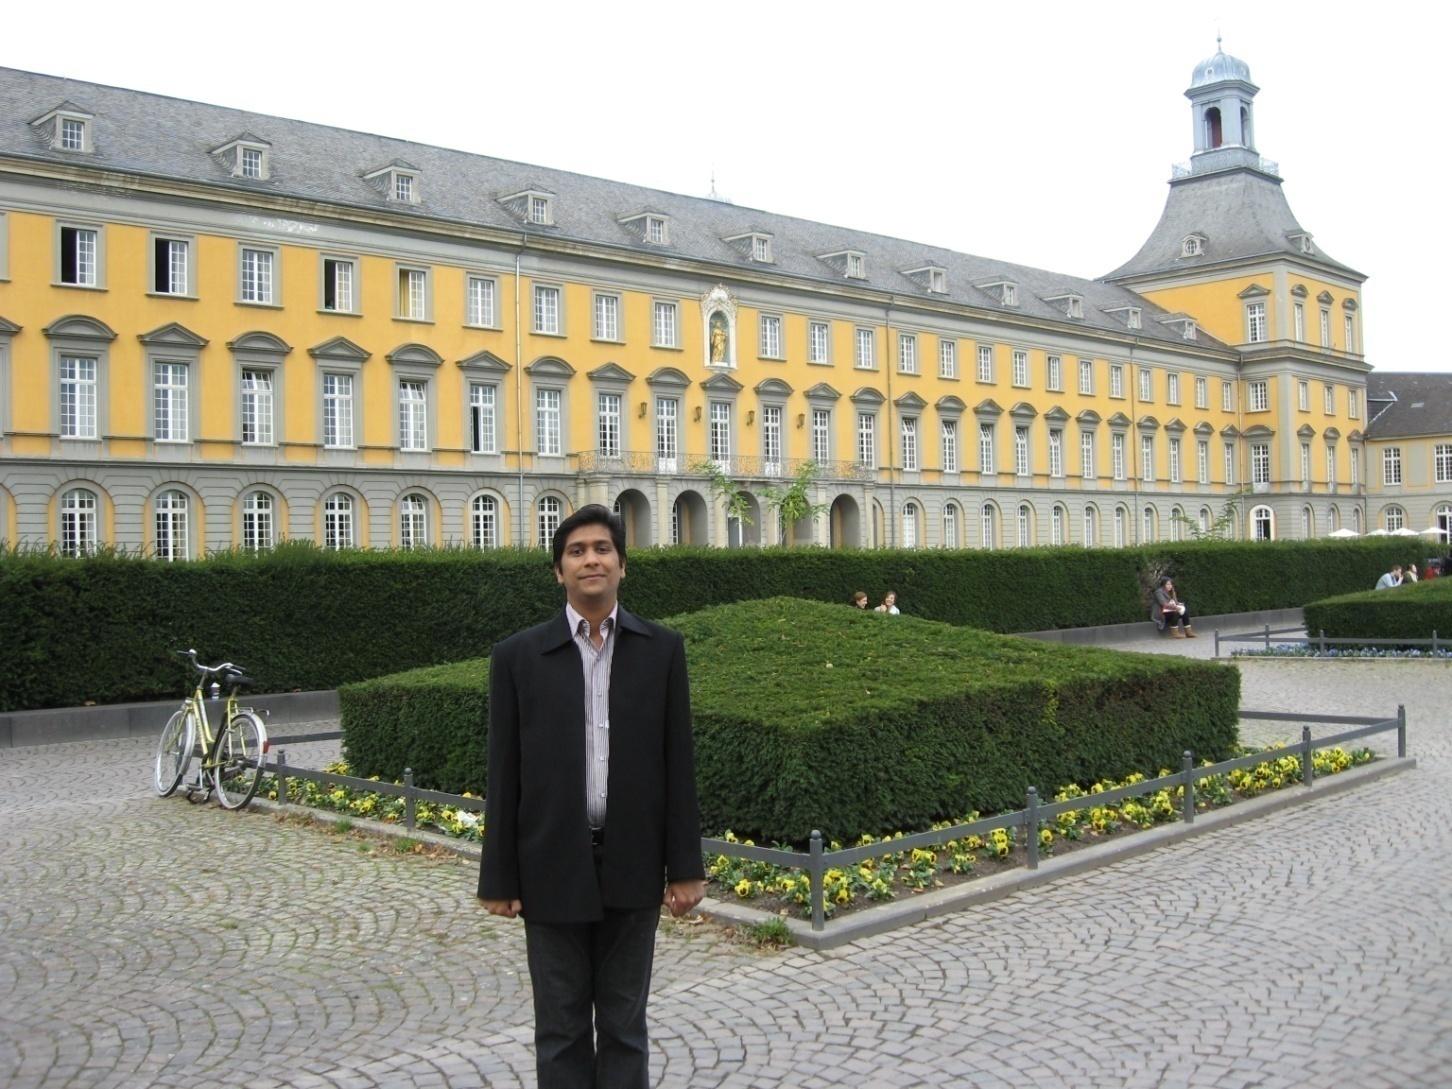 Bonn University Hospital|Dr. Ajay Kothari|Shivaji Nagar,Pune